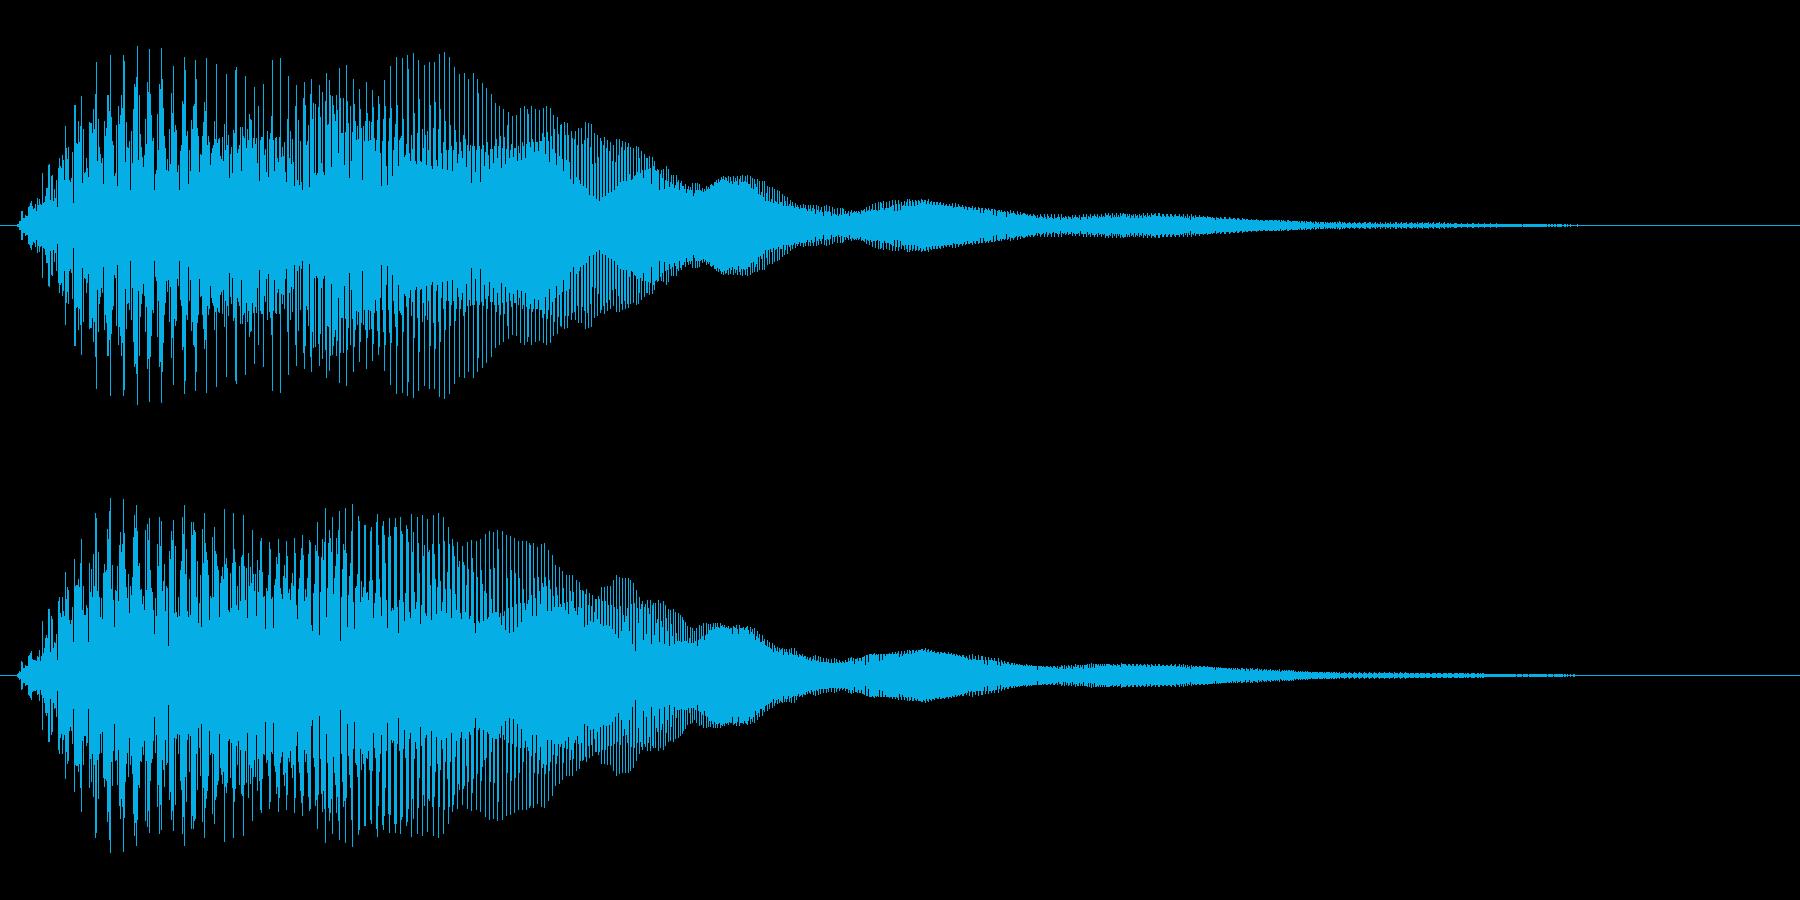 ウォーン(素早い移動音)の再生済みの波形